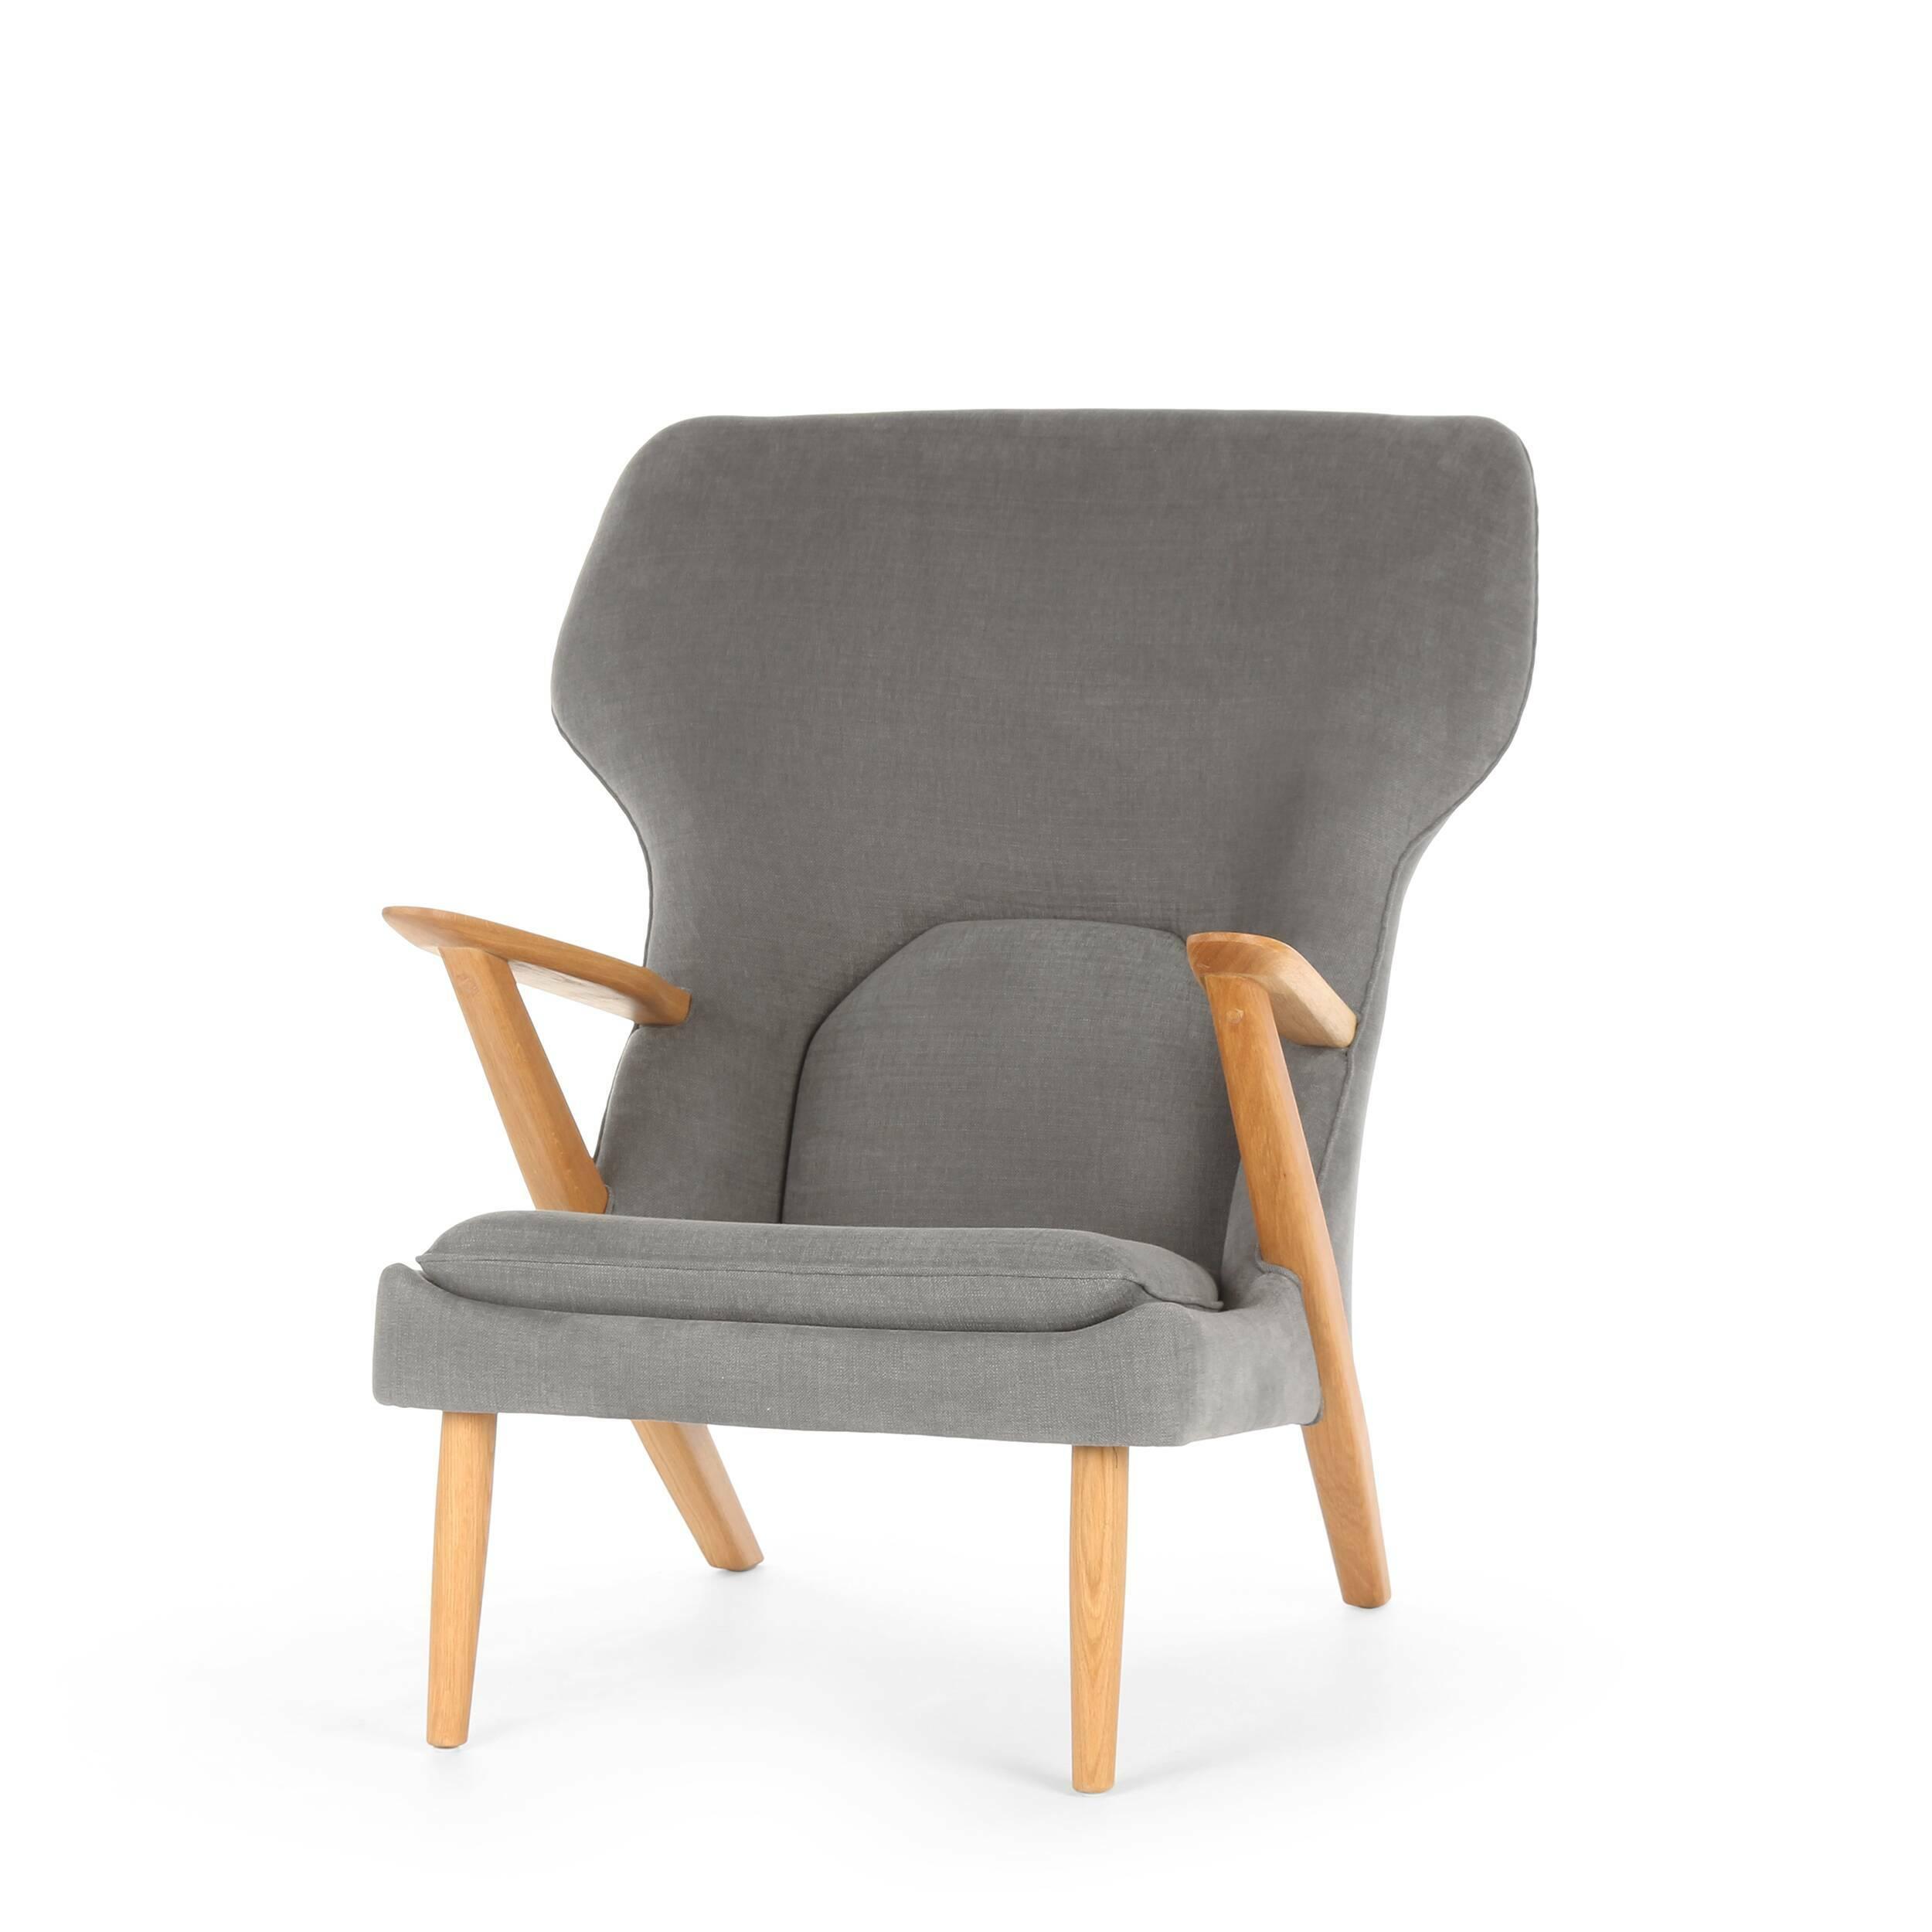 Кресло Little BearИнтерьерные<br>Дизайнерское легкое комфортное кресло Little Bear (Литл Бир) с широкой спинкой и деревянным каркасом от Cosmo (Космо).<br><br><br> Датчанина Ханса Вегнера по праву можно величать королем стульев — за всю жизнь он спроектировал их около пятисот. Его творения входят в коллекцию всех музеев современного искусства, от Центра Помпиду до MoMA, на кресле «Бык» сидит Доктор Зло в «Остине Пауэрсе», в креслах Вегнера вели дебаты Кеннеди и Никсон и снимался Дмитрий Медведев.<br><br><br> Вегнер, верный птенец гн...<br><br>stock: 0<br>Высота: 94<br>Высота сиденья: 37<br>Ширина: 82,5<br>Глубина: 87<br>Материал каркаса: Массив дуба<br>Материал обивки: Хлопок, Лен<br>Тип материала каркаса: Дерево<br>Коллекция ткани: Ray Fabric<br>Тип материала обивки: Ткань<br>Цвет обивки: Серый<br>Цвет каркаса: Дуб